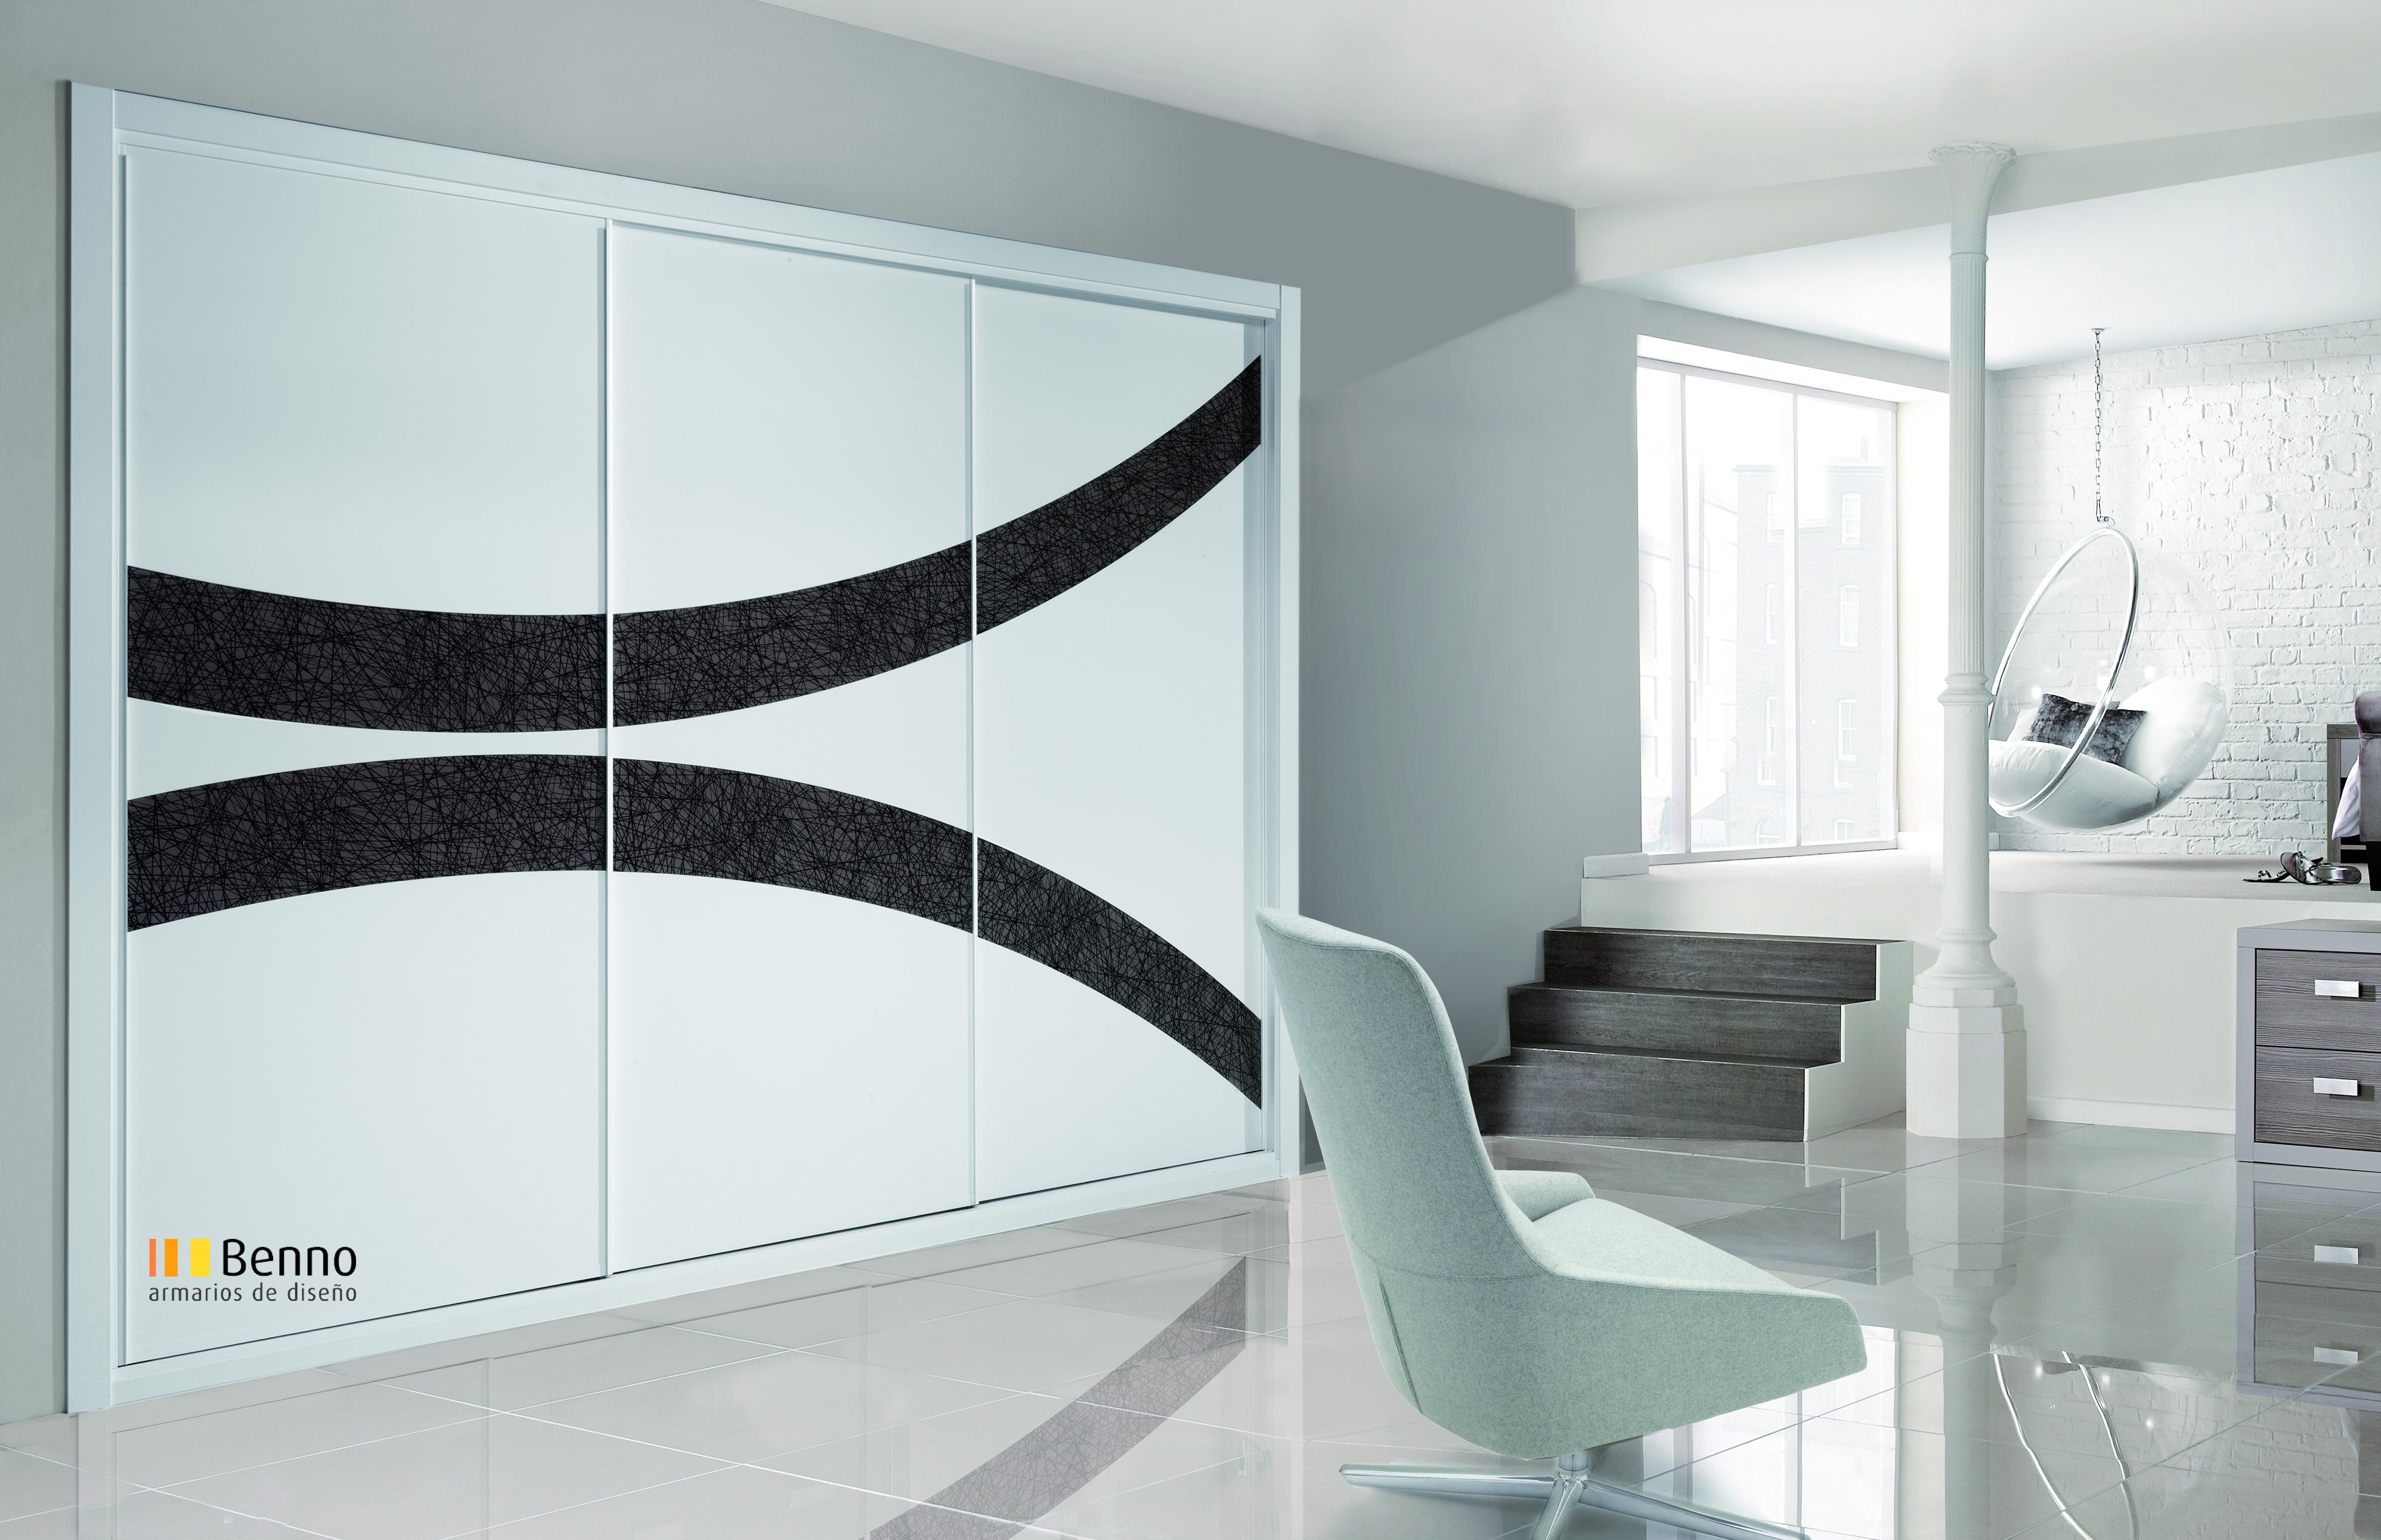 Comprar armarios baratos madrid exposici n armarios modernos - Puertas de interior baratas ikea ...